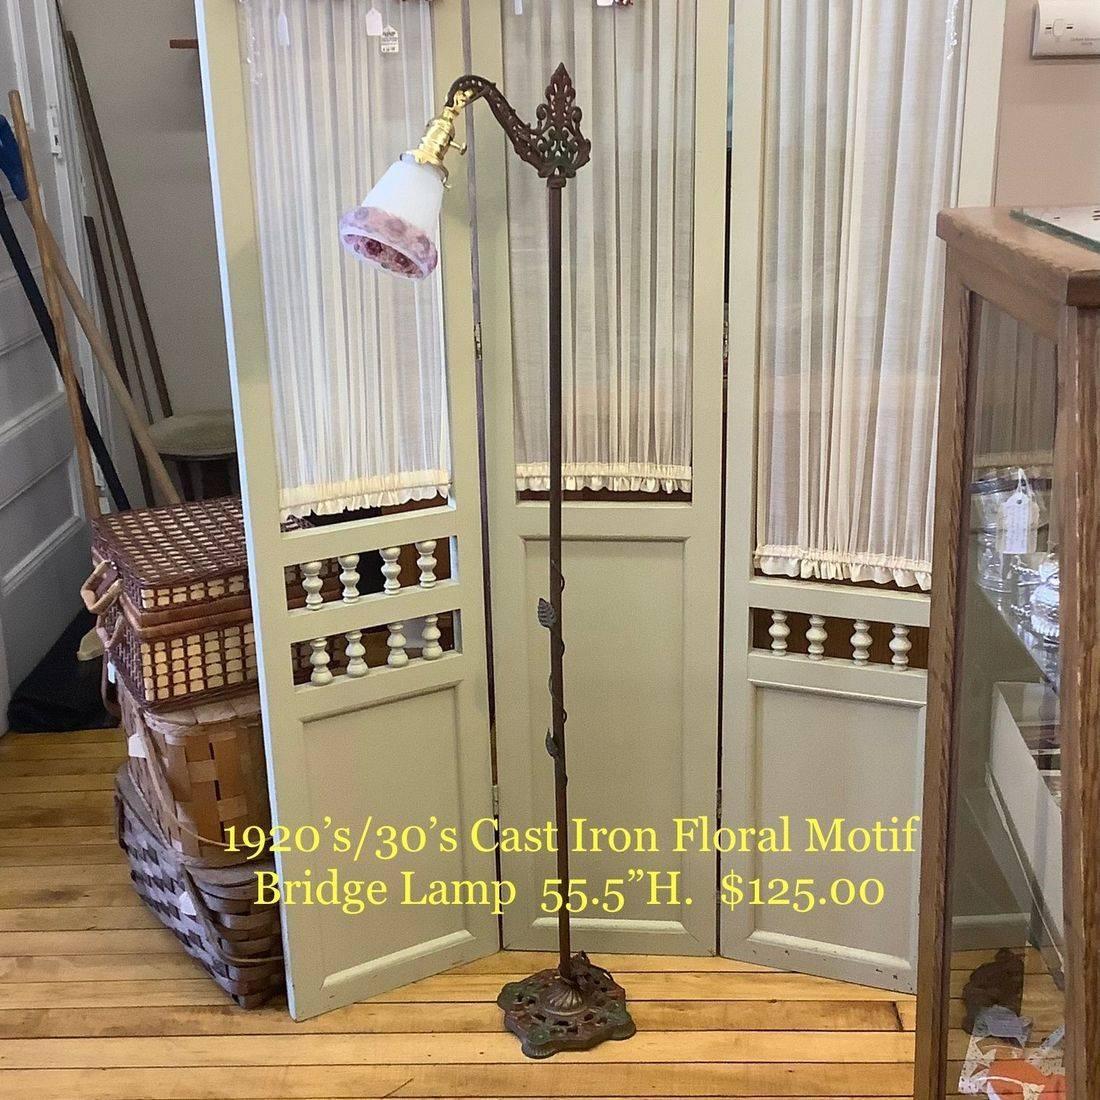 1920's/30's Cast Iron Floral Motif Bridge Lamp   $125.00